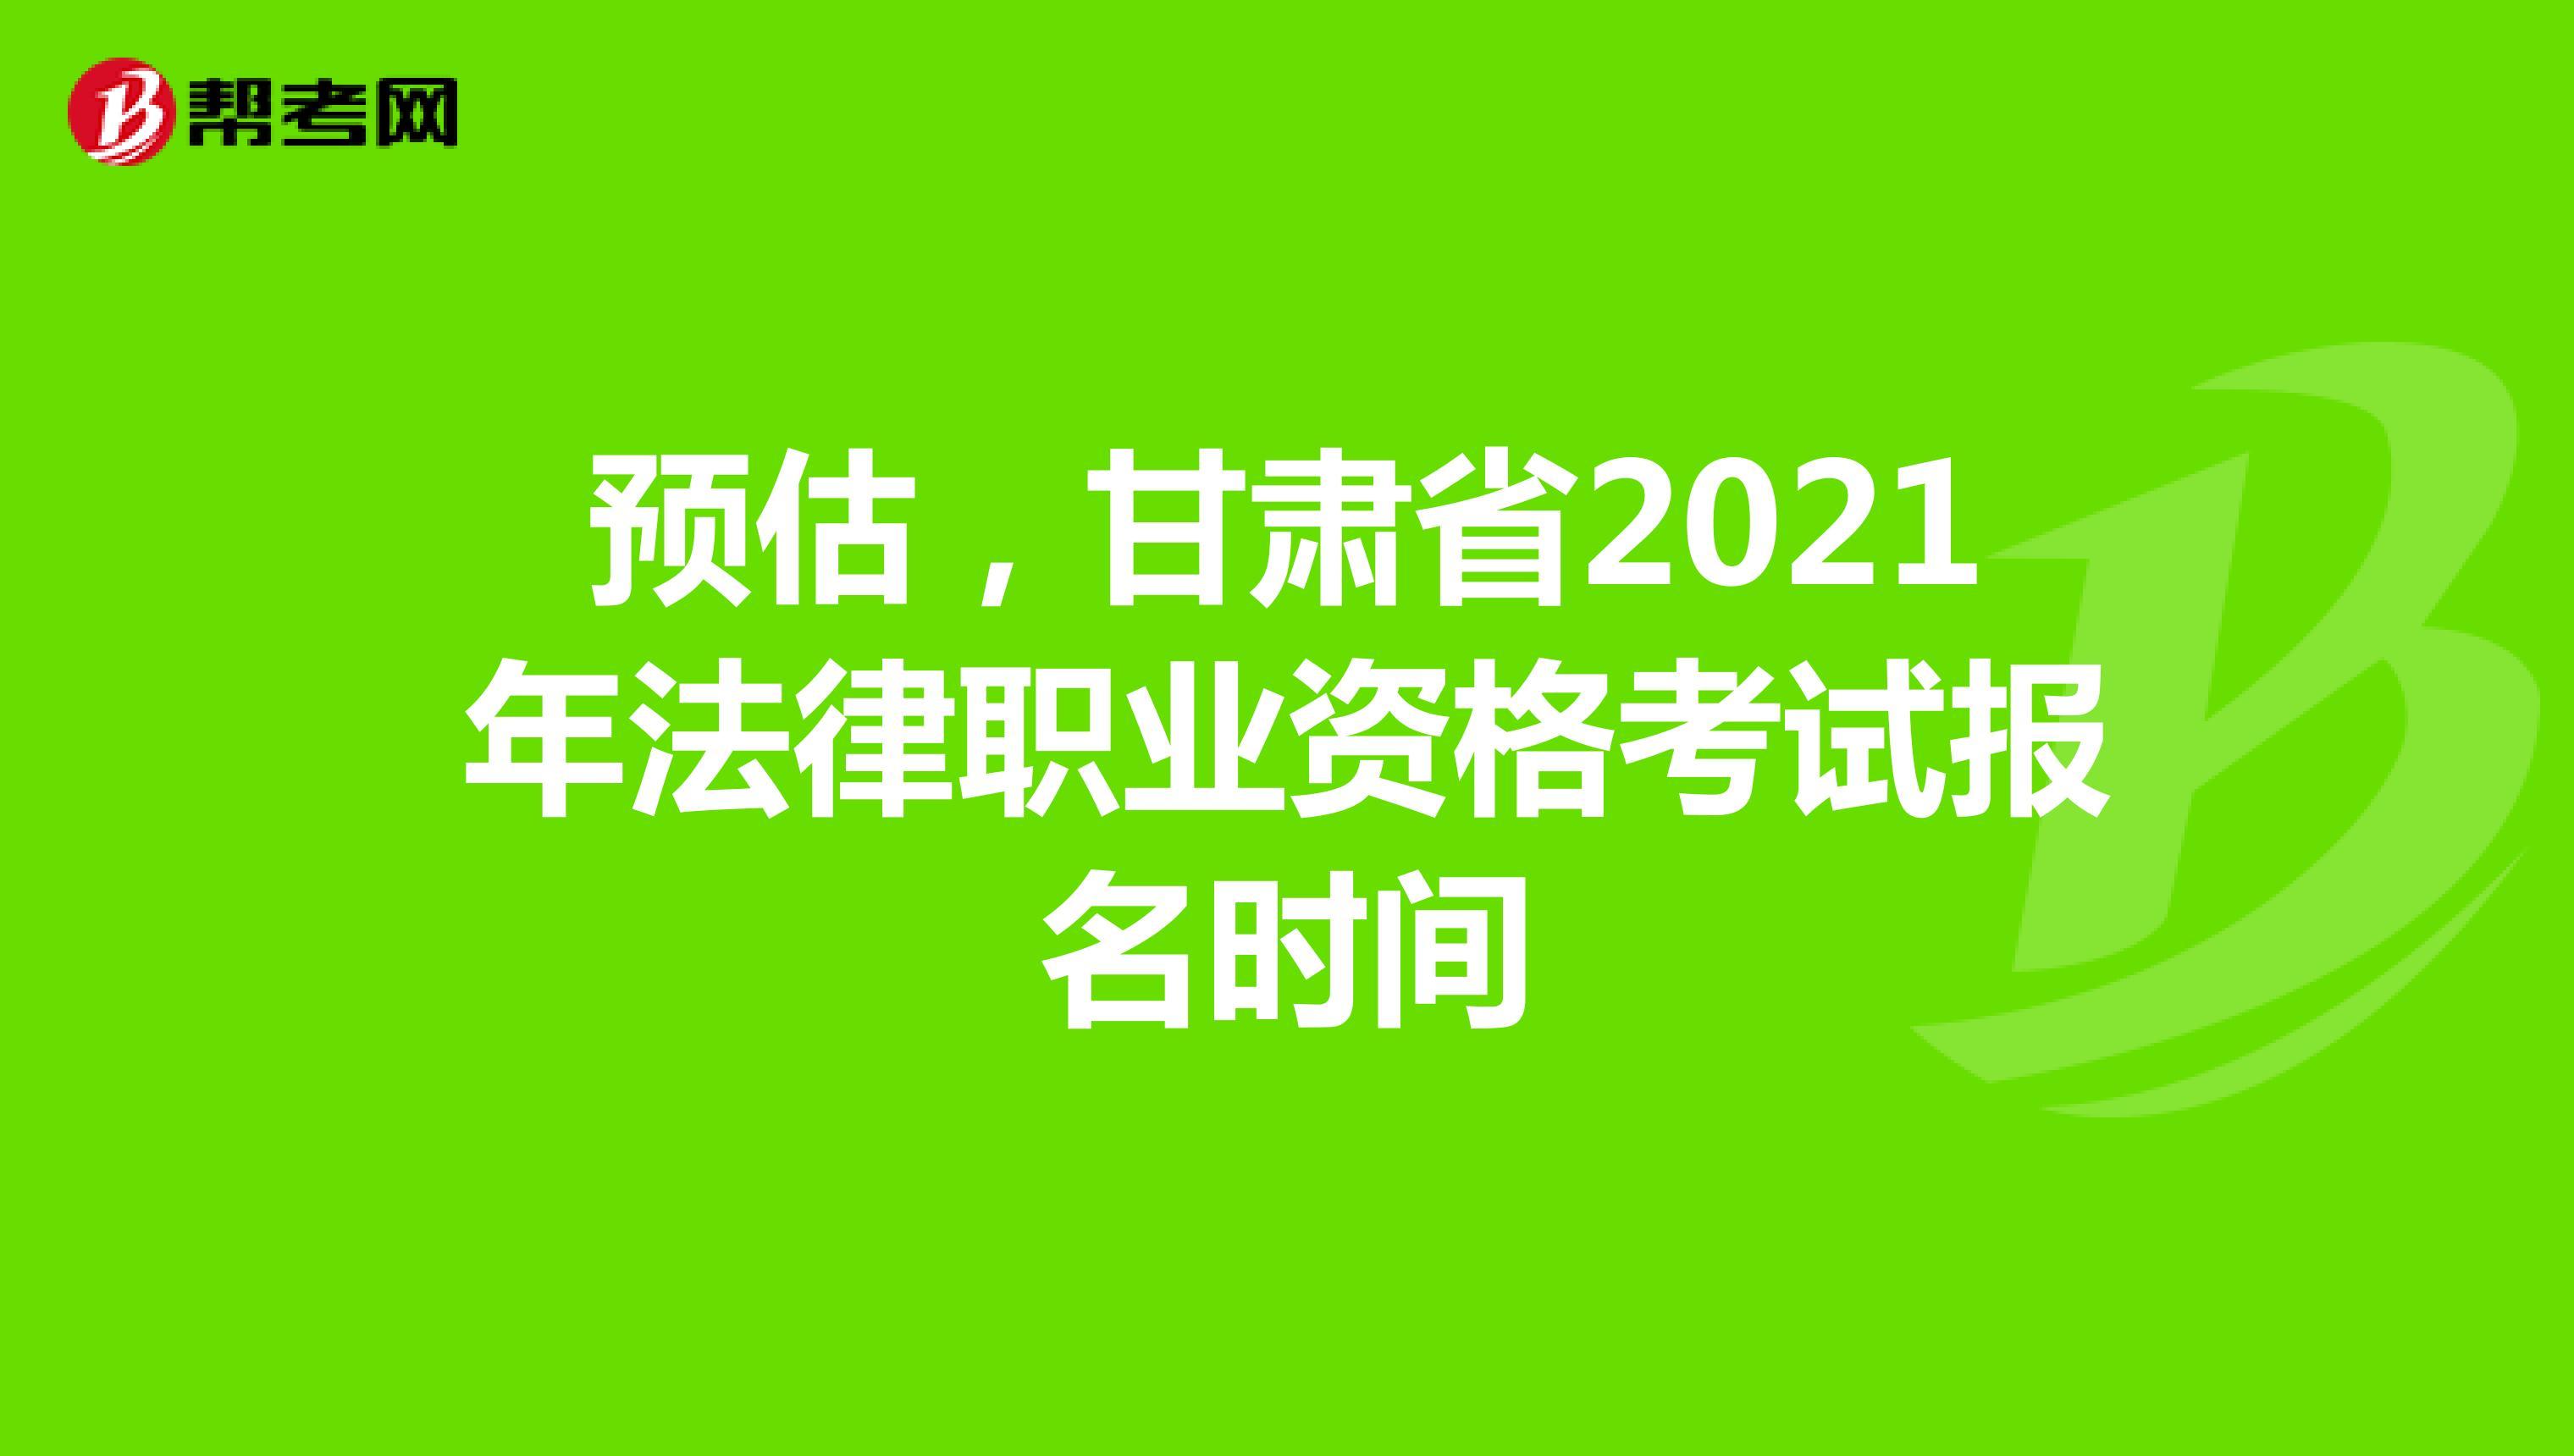 预估,甘肃省2021年法律职业资格考试报名时间